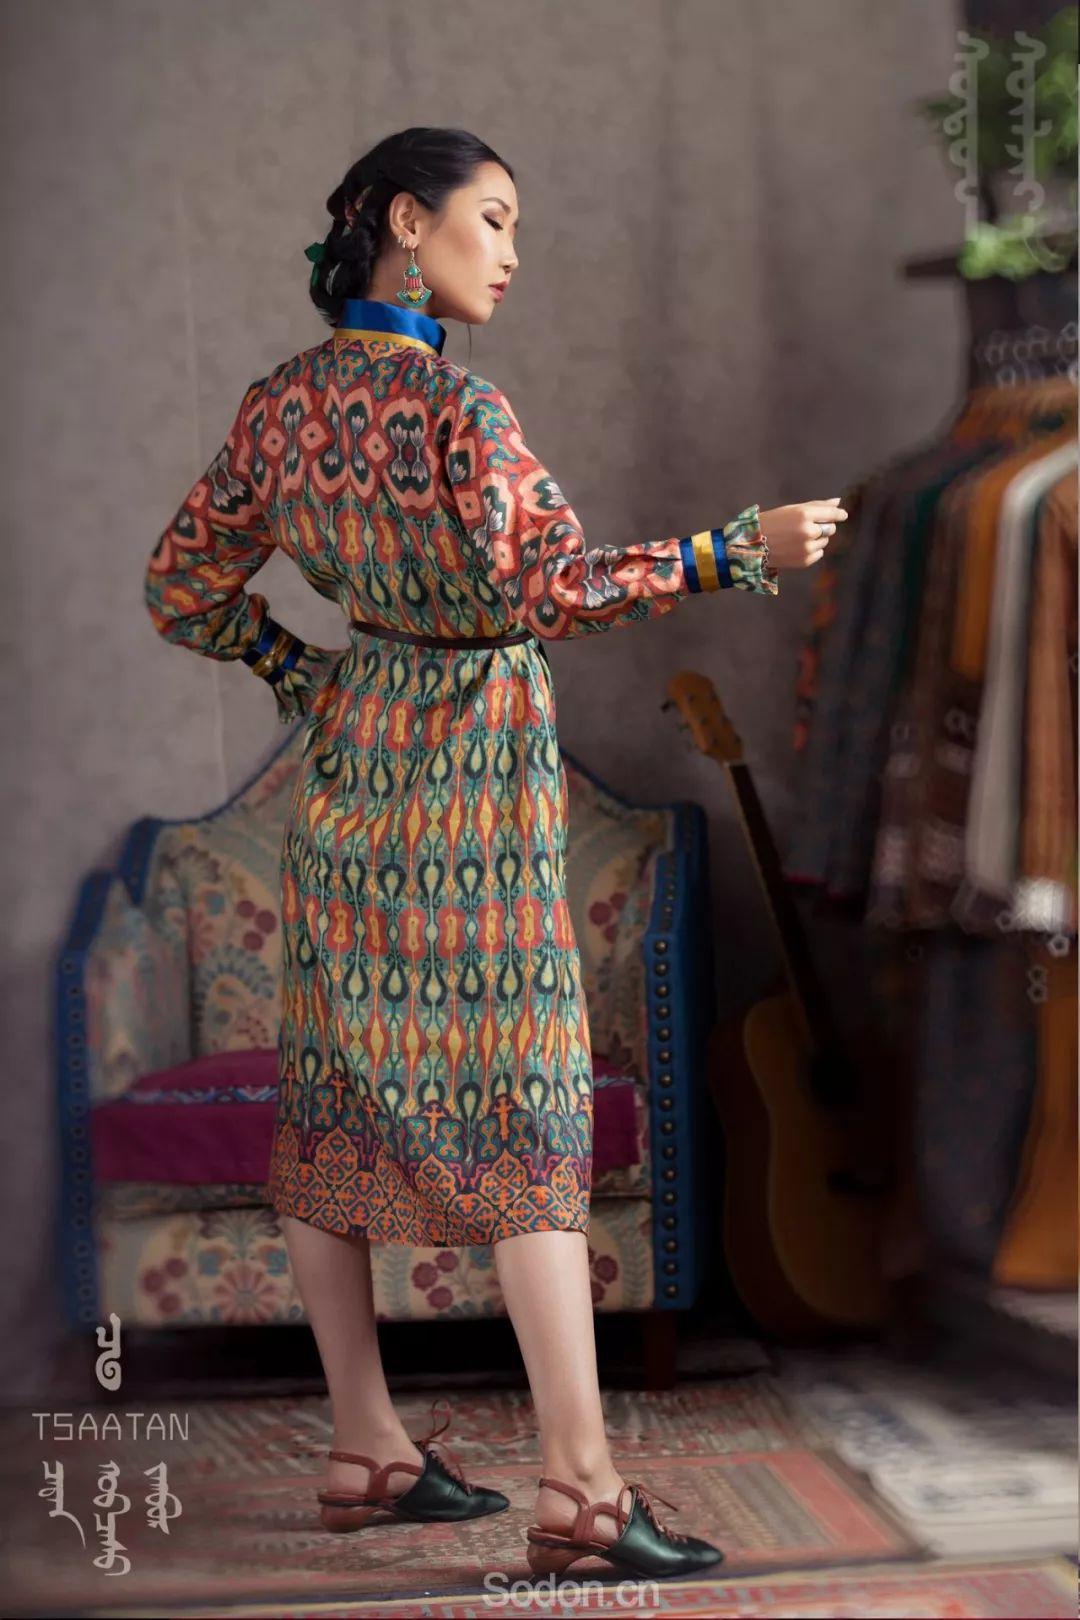 TSAATAN蒙古时装秋冬系列,来自驯鹿人的独特魅力! 第31张 TSAATAN蒙古时装秋冬系列,来自驯鹿人的独特魅力! 蒙古服饰